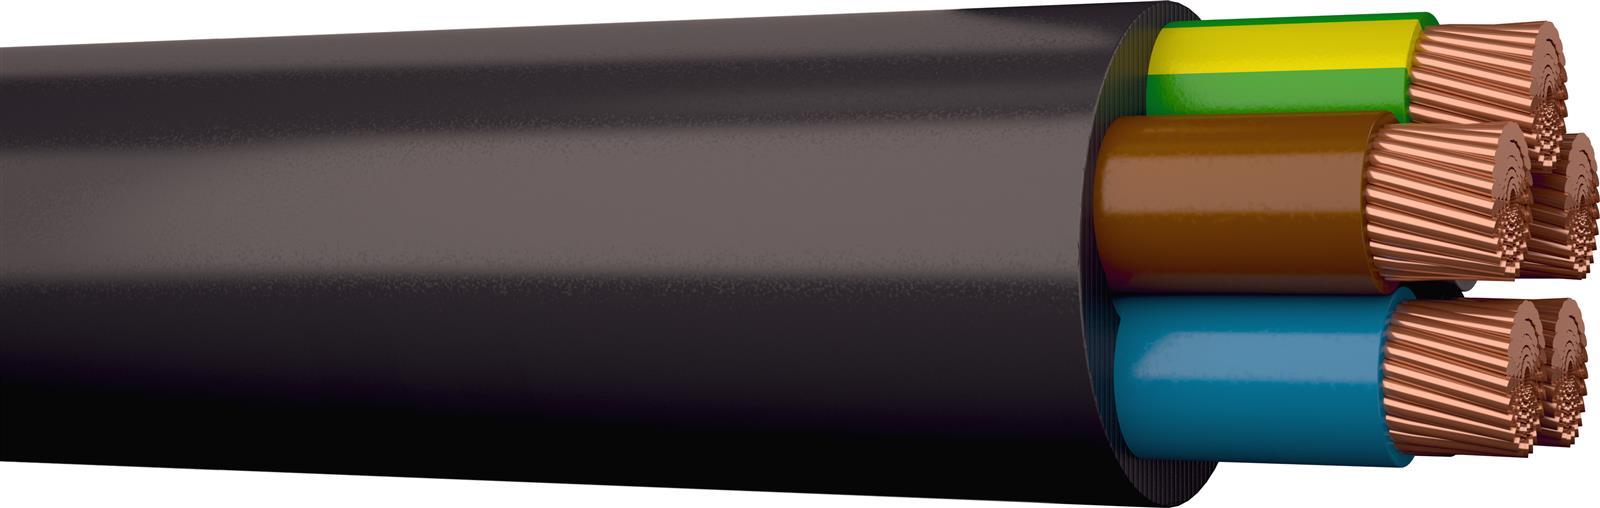 ACEFLEX RV-K 5G16